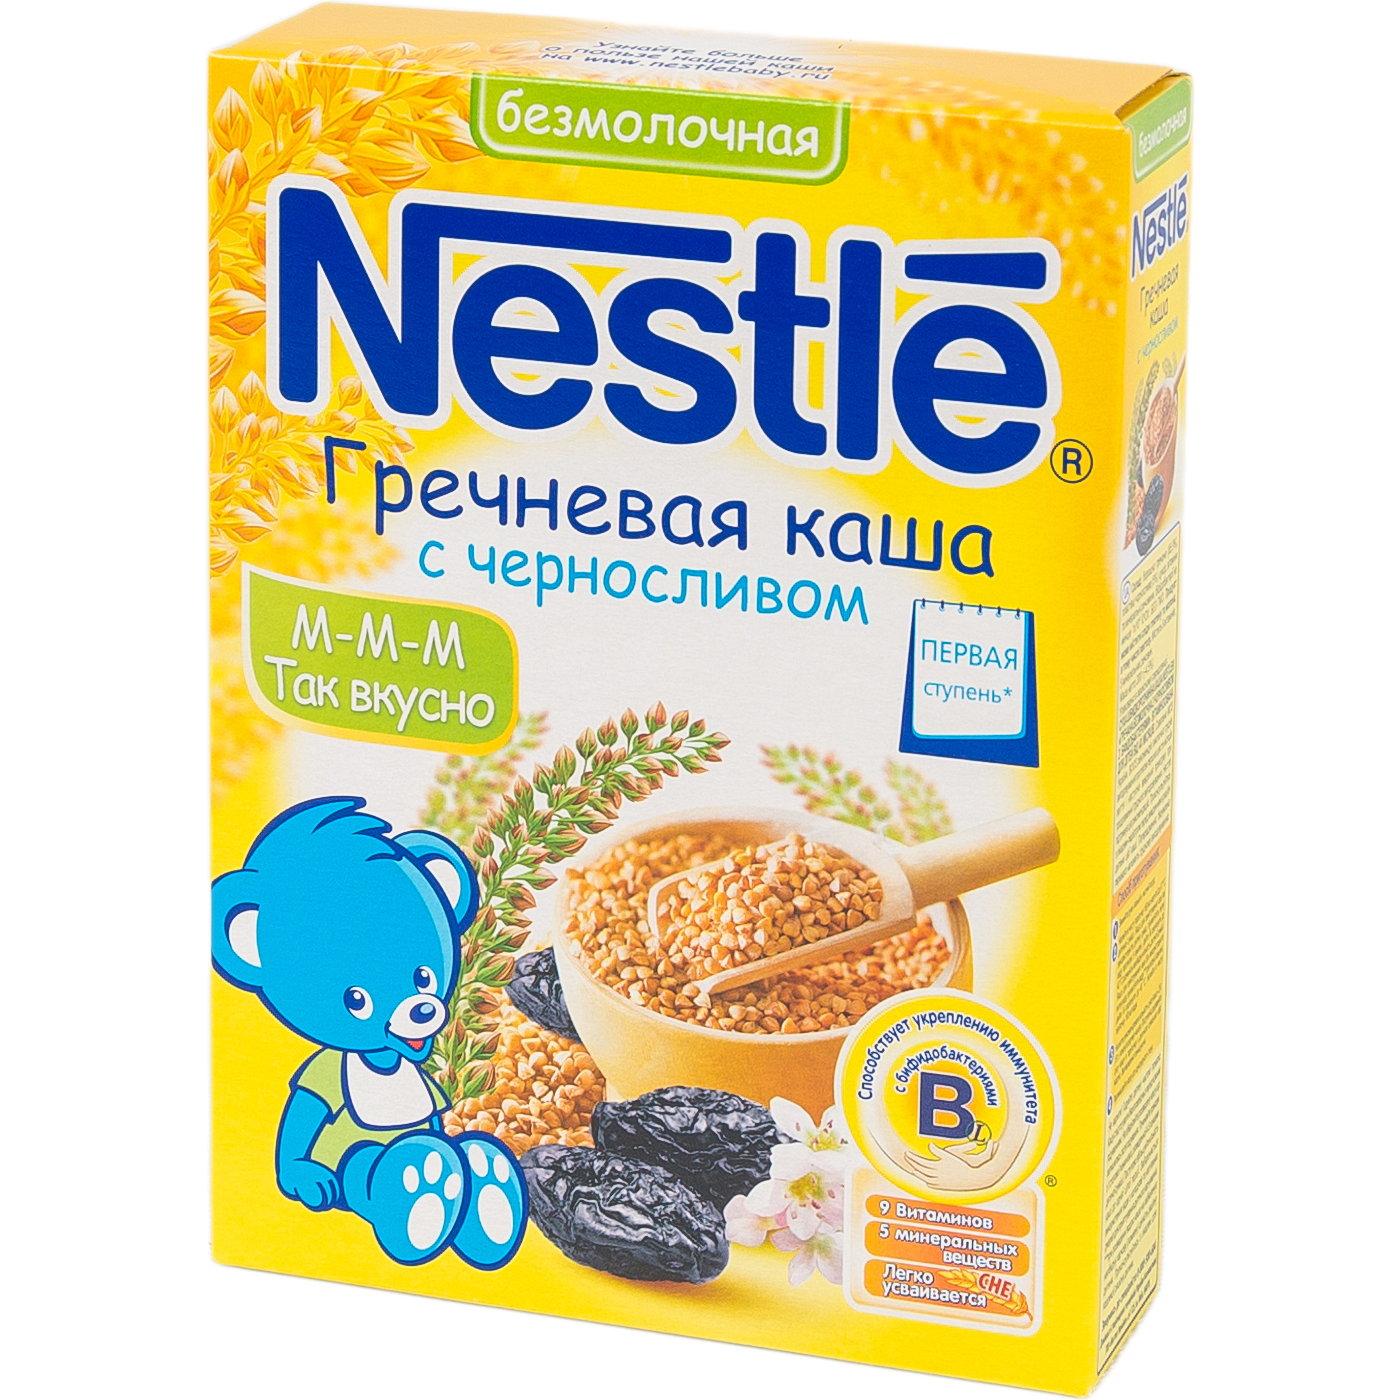 Каша Nestle безмолочная 200 гр Гречневая с черносливом (1 ступень)<br>